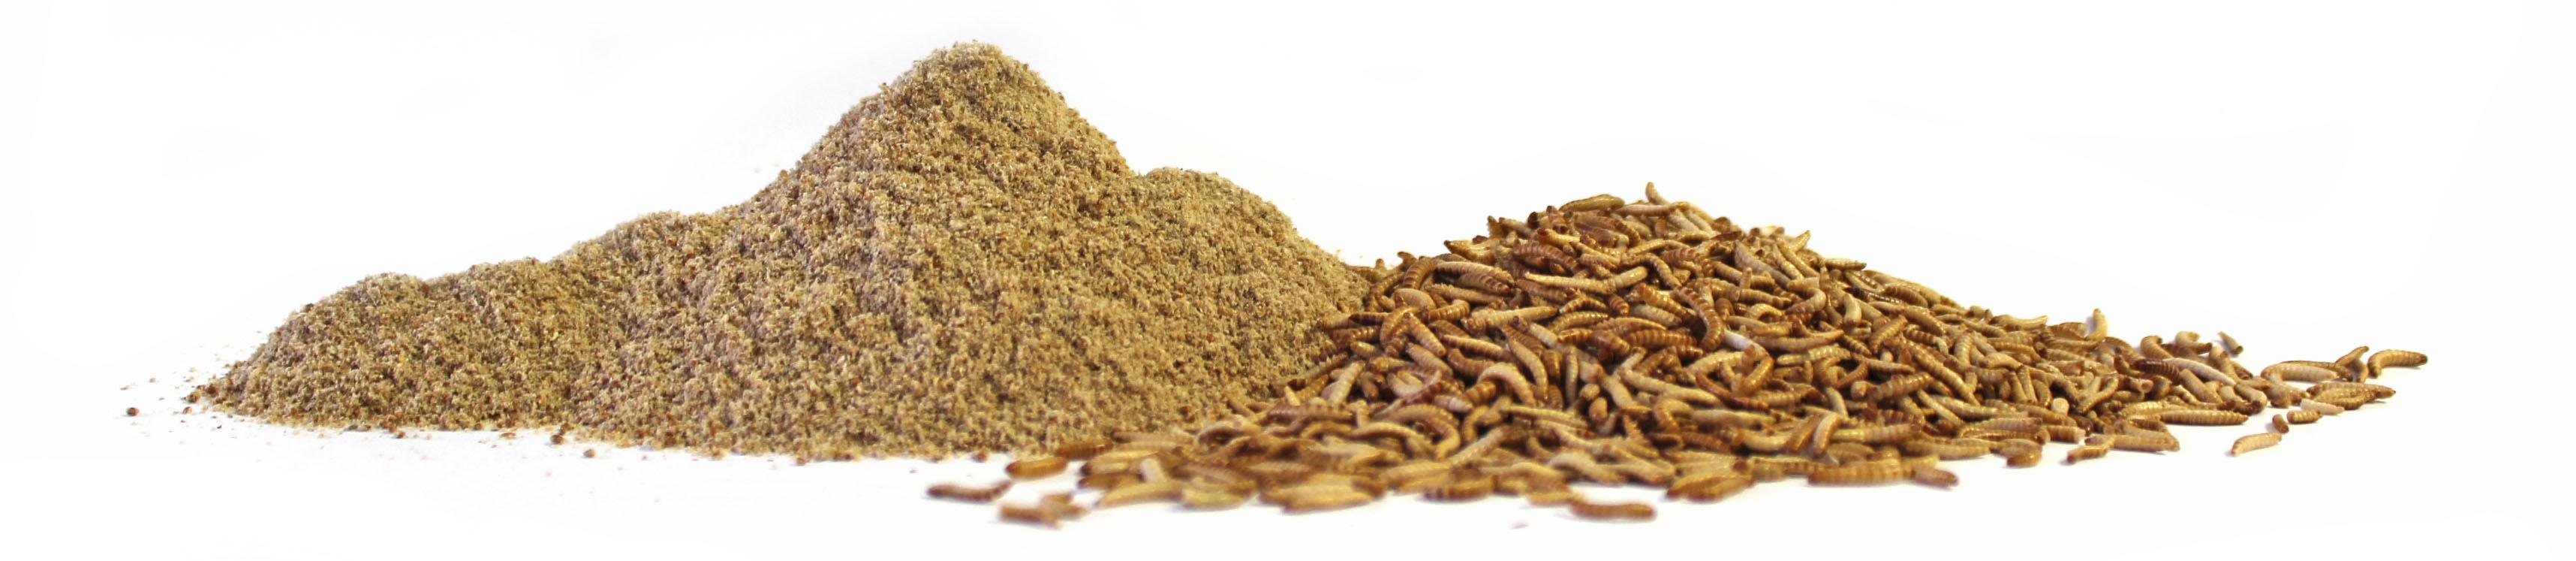 Insektenmehl_von_Snack-Insects_gemahlene_Insekten_essen